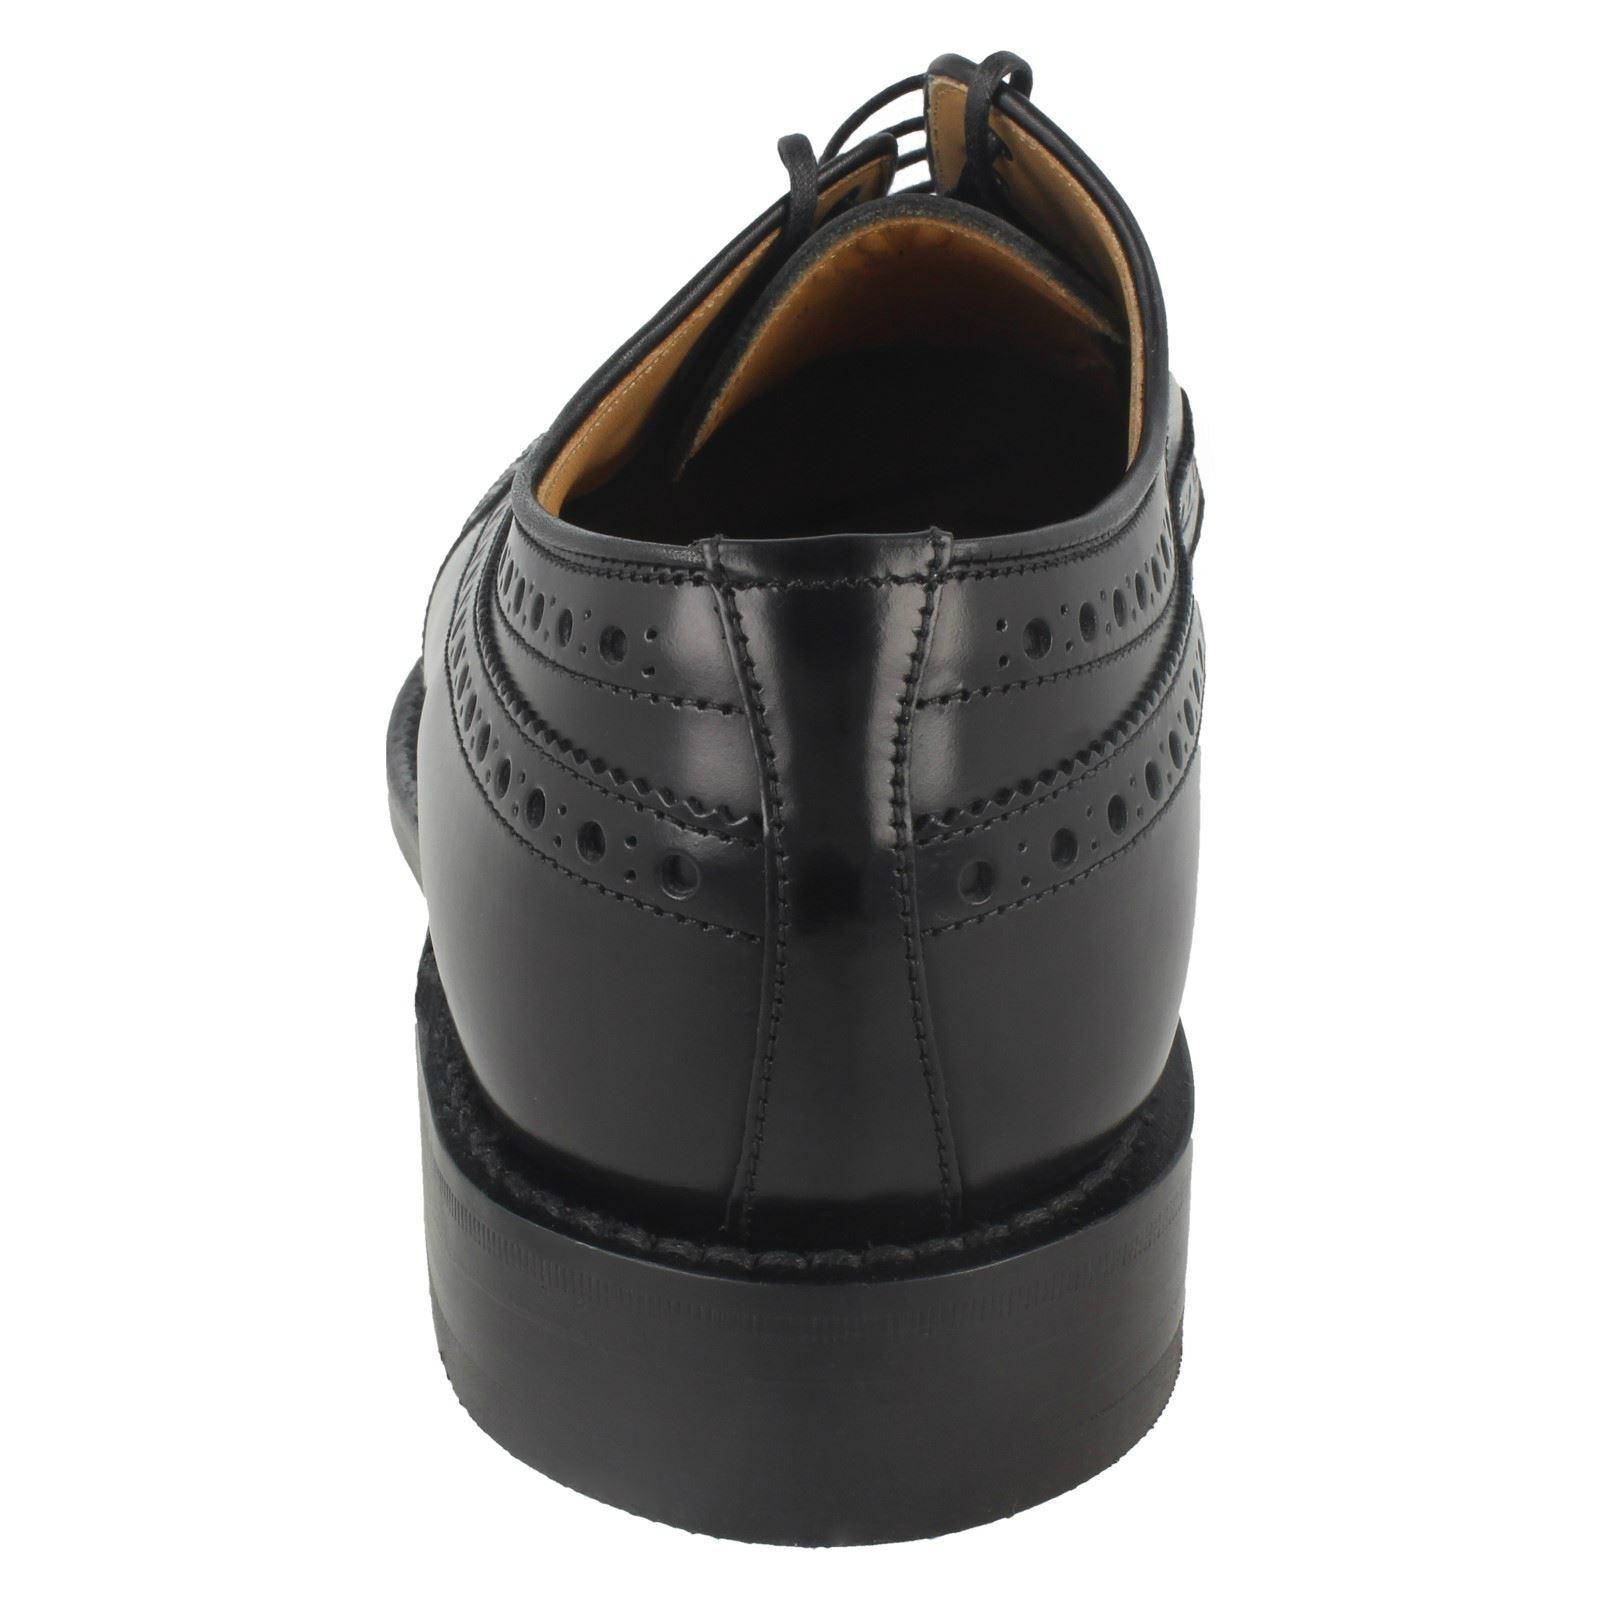 Herren Braemar F fitting schwarz Leder by brogue lace up shoe by Leder Loake 9ee525